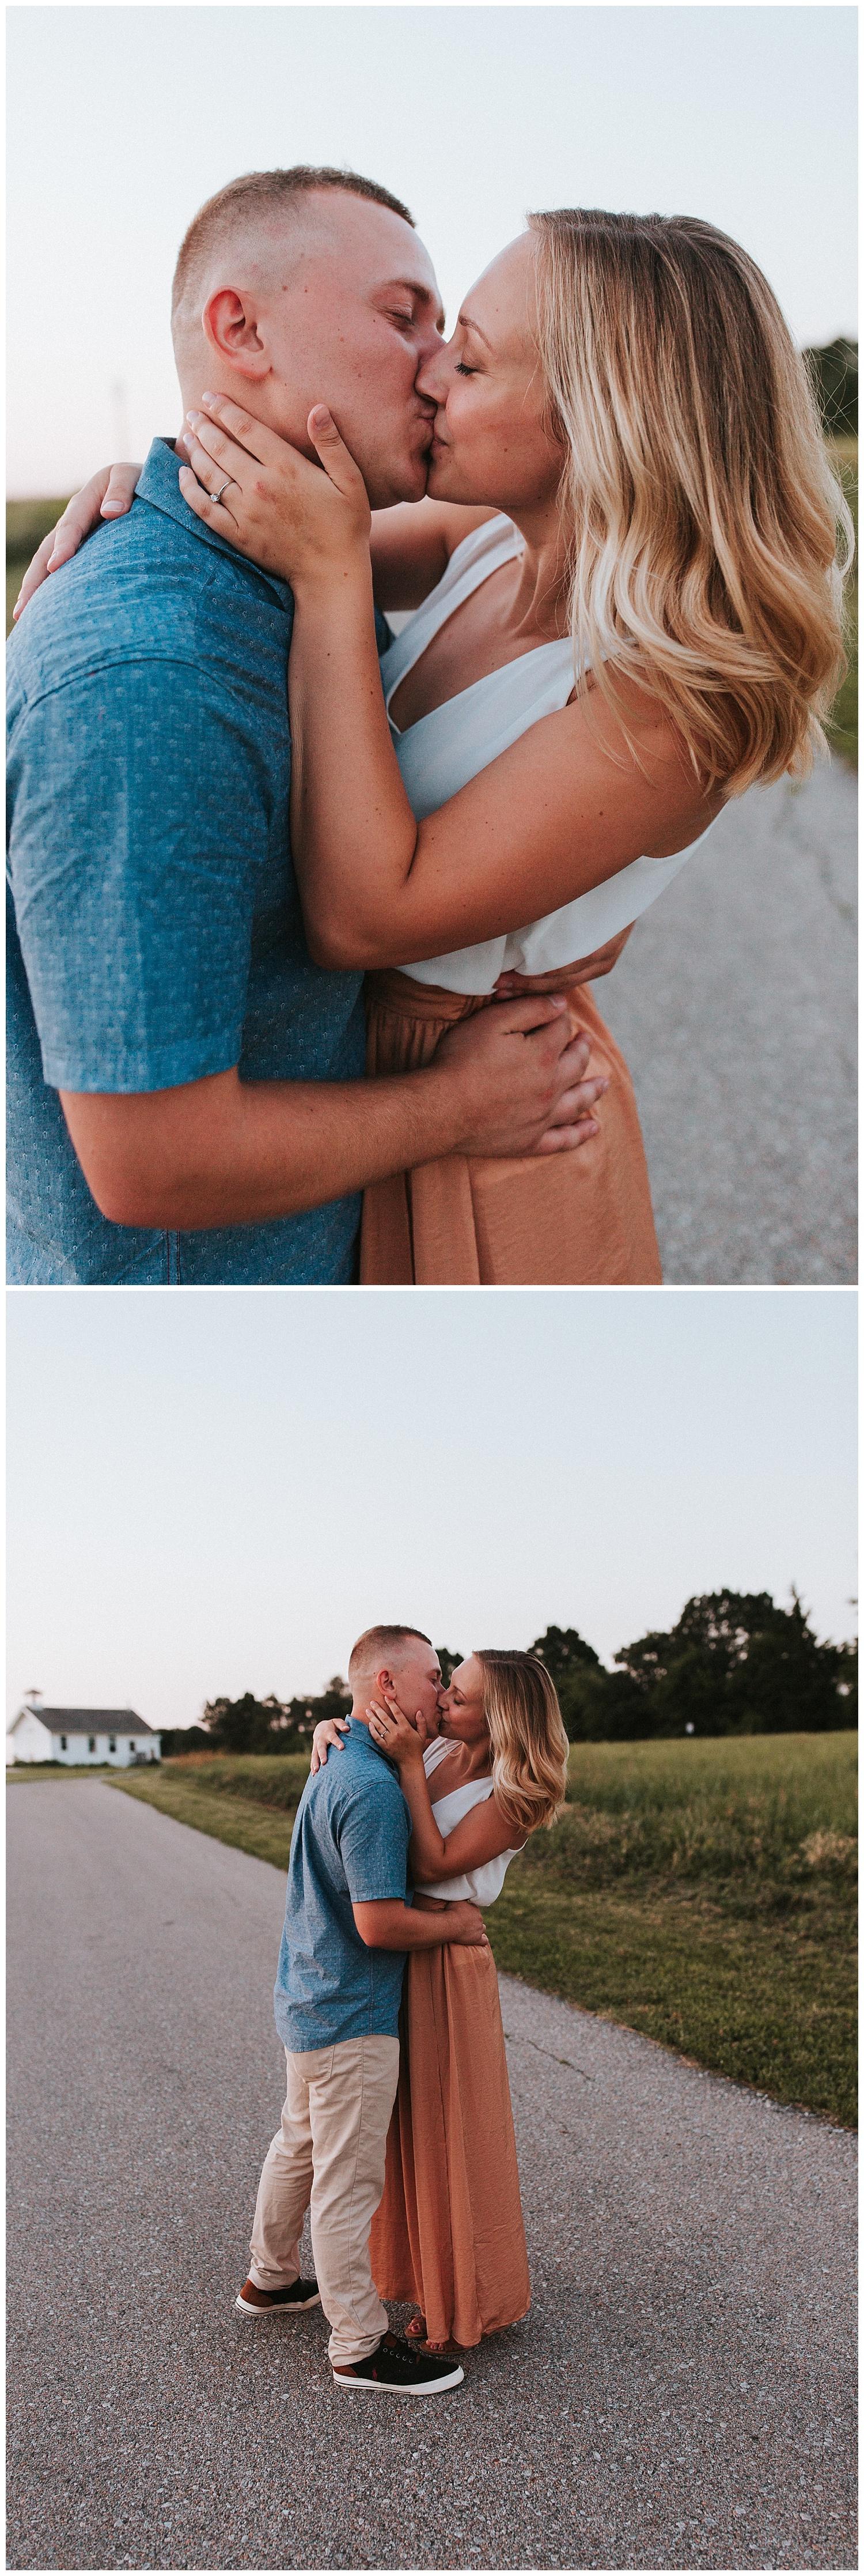 golden_hour_engagement_session_haley_chicoine_traveling_weddingphotographer_adventurouslovestories_love_engagement_nebraska_0063.jpg